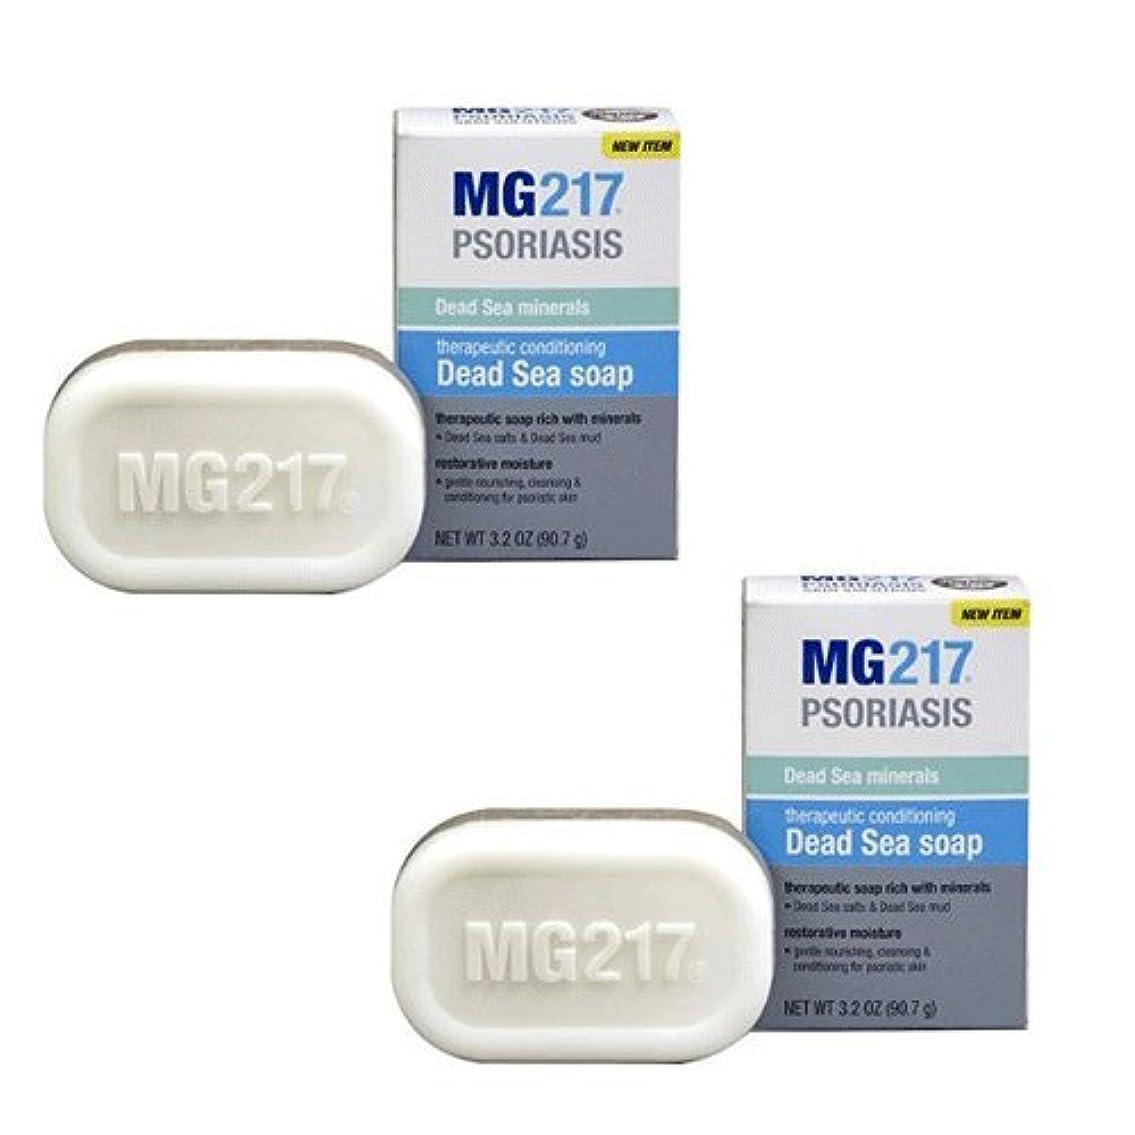 スカイ必需品スキル2個セット 死海の泥とミネラルたっぷり MG217ソープ 90g MG217 Psoriasis Therapeutic Conditioning Dead Sea Bar Soap